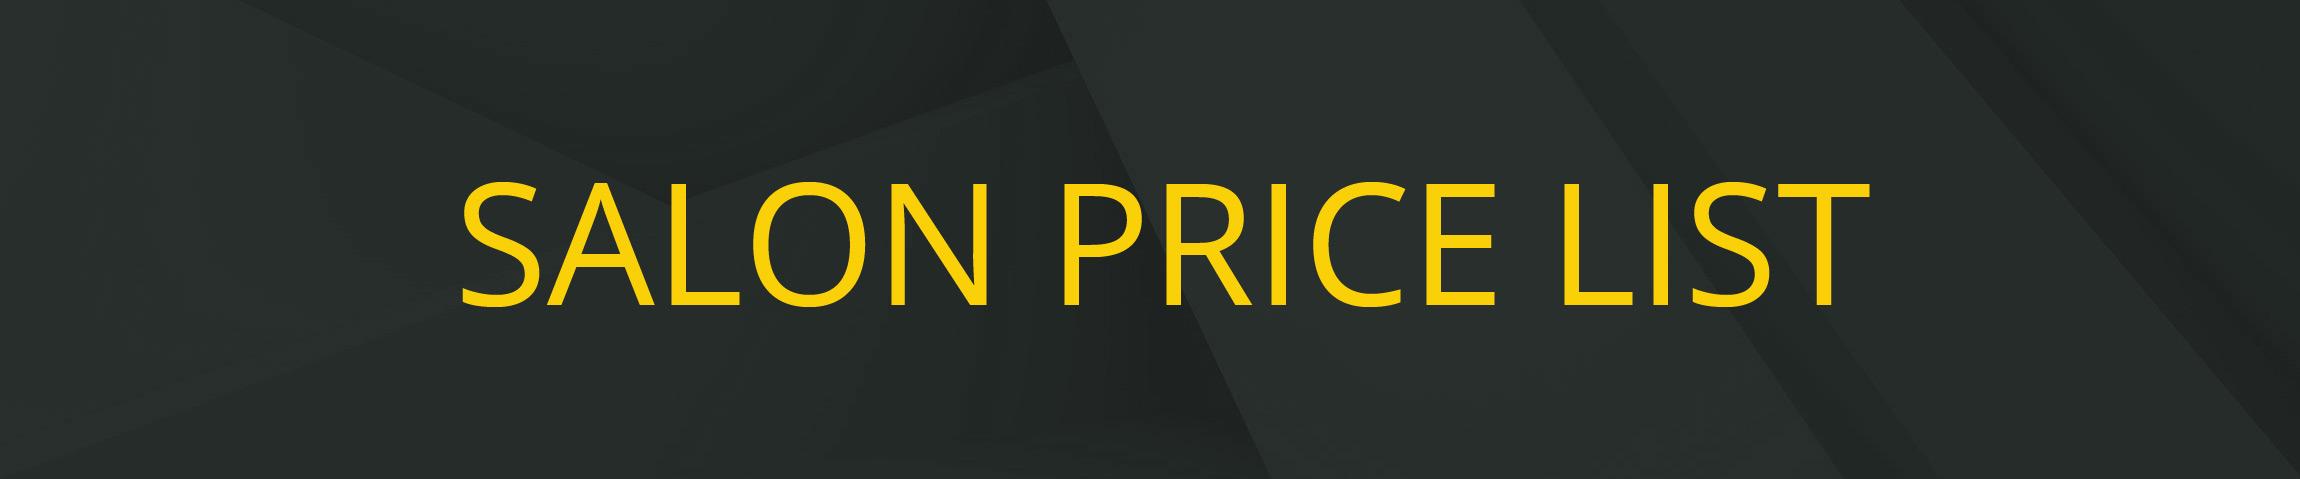 e-hairdressing pricelist